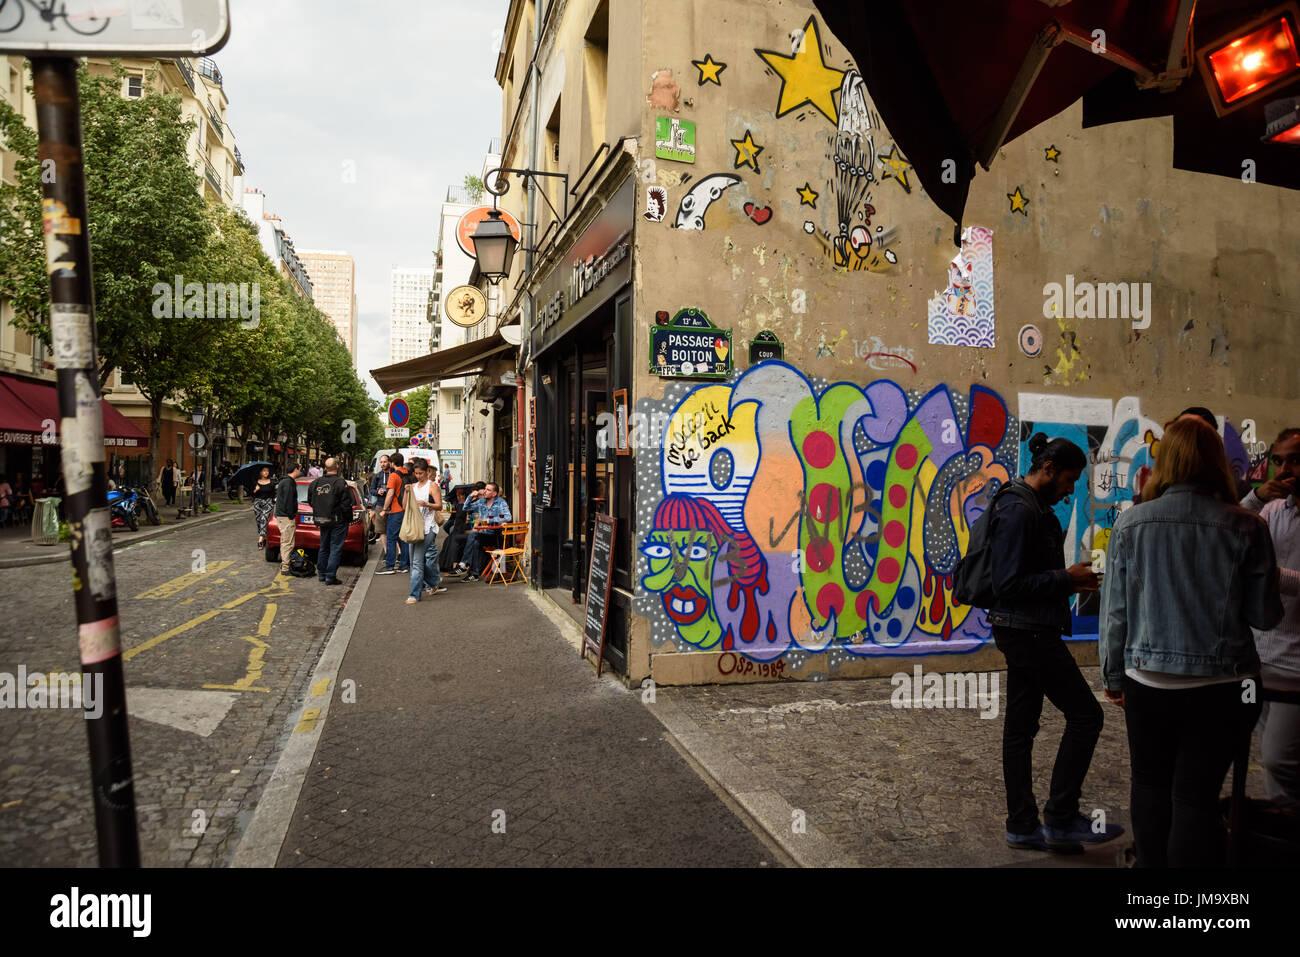 Butte aux cailles stock photos butte aux cailles stock images alamy - Restaurant buttes aux cailles ...